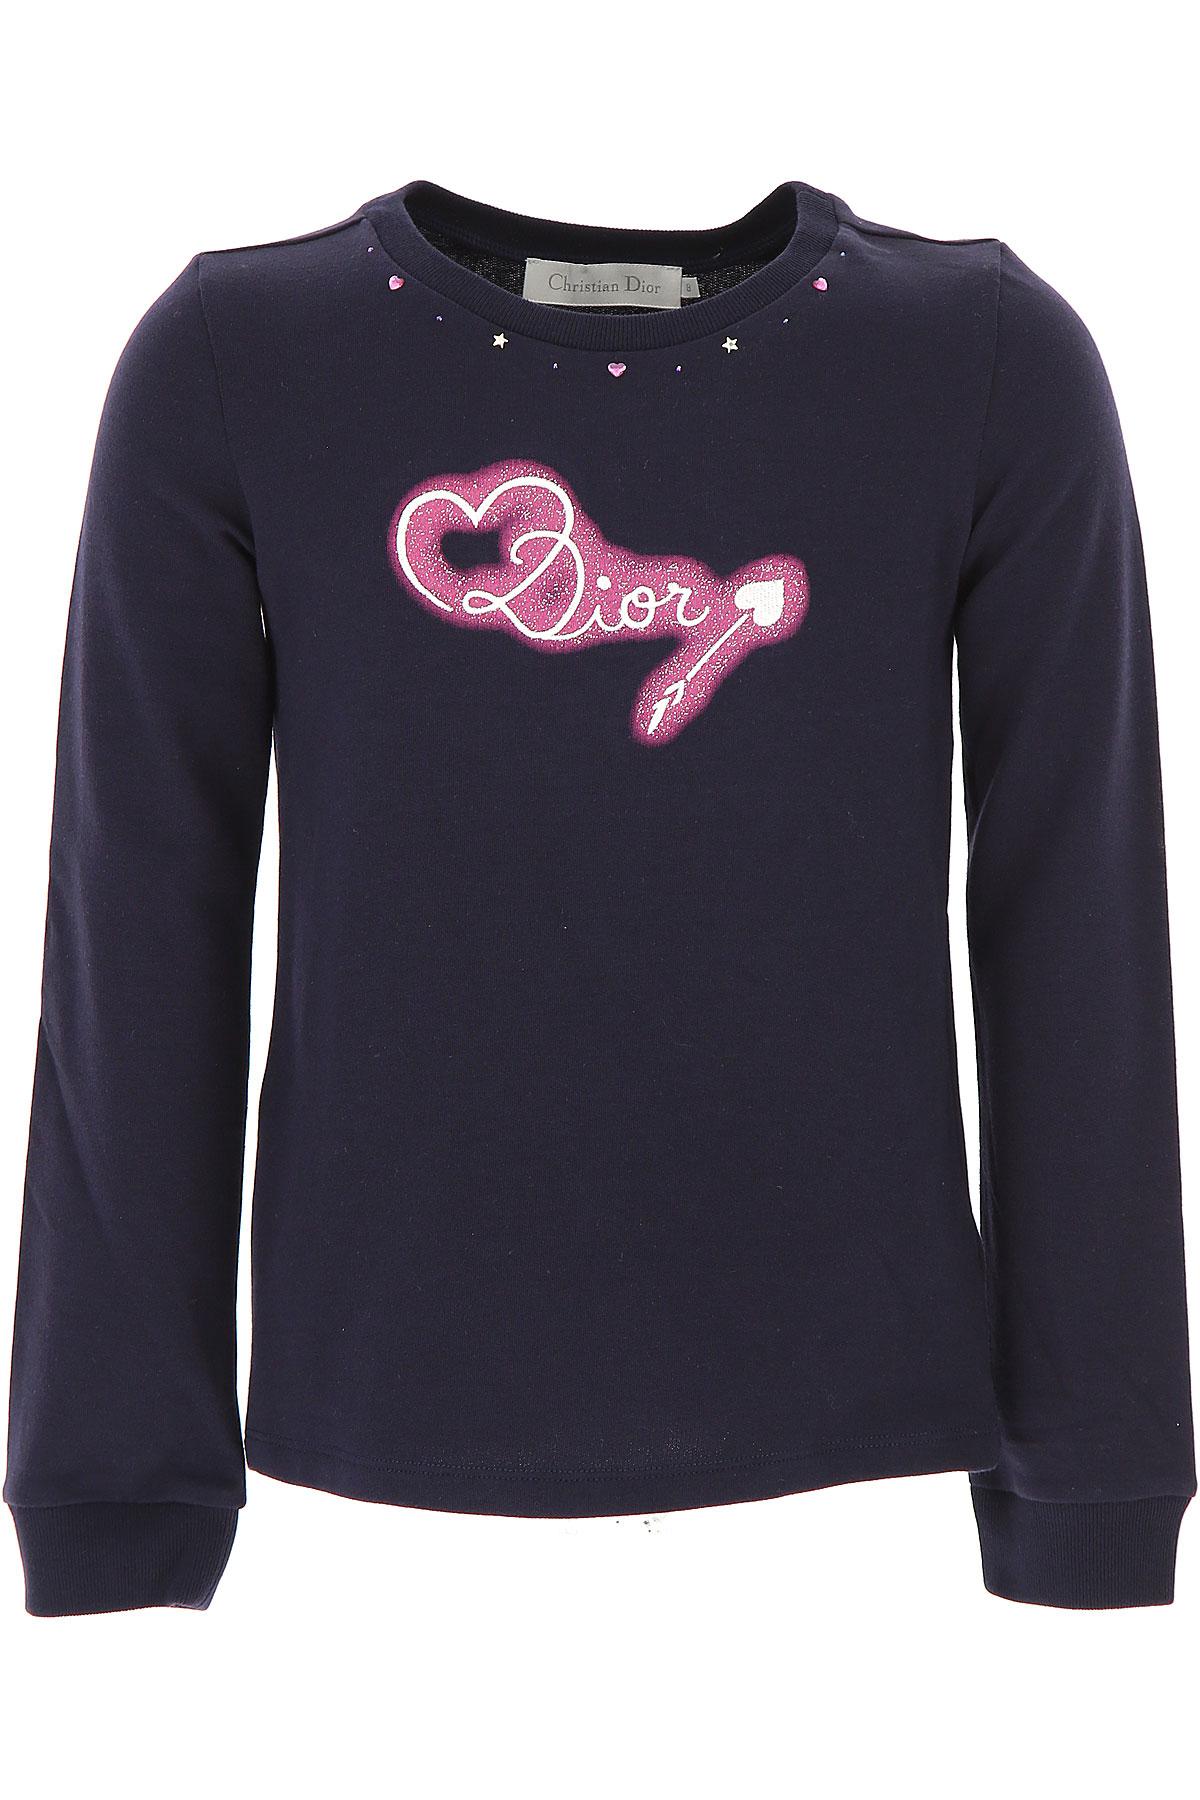 Image of Christian Dior Kids Sweatshirts & Hoodies for Girls, Blue, Cotton, 2017, 10Y 4Y 6Y 8Y